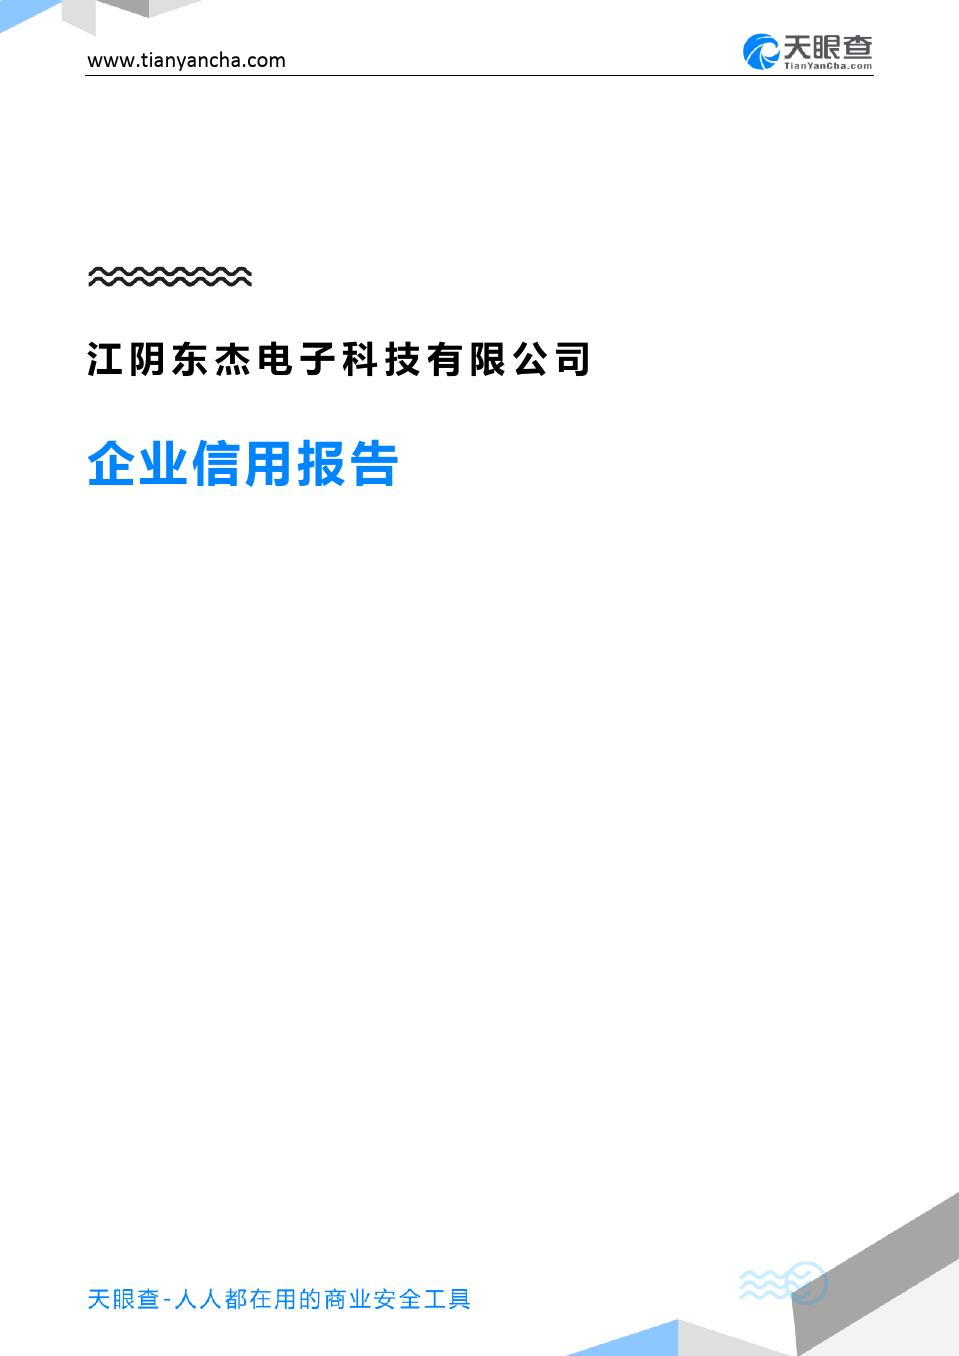 江阴东杰电子科技有限公司(企业信用报告)- 天眼查